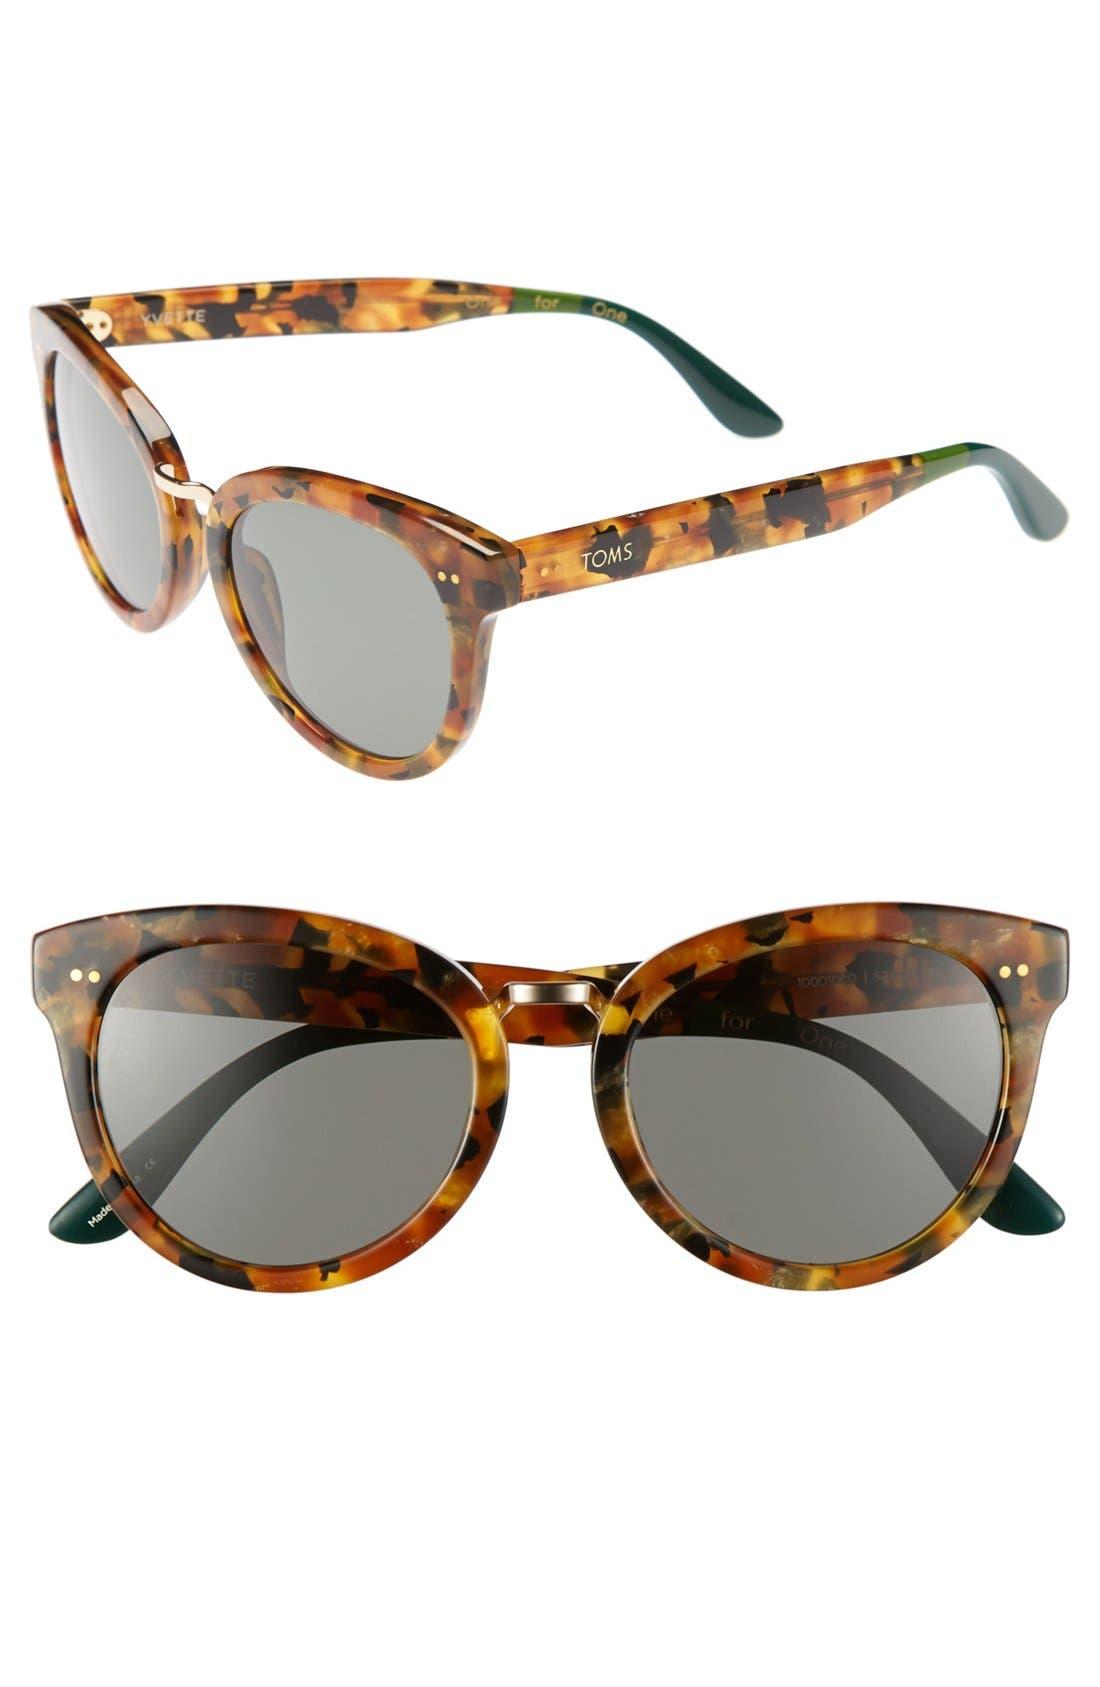 Alternate Image 1 Selected - TOMS 'Yvette' 52mm Sunglasses